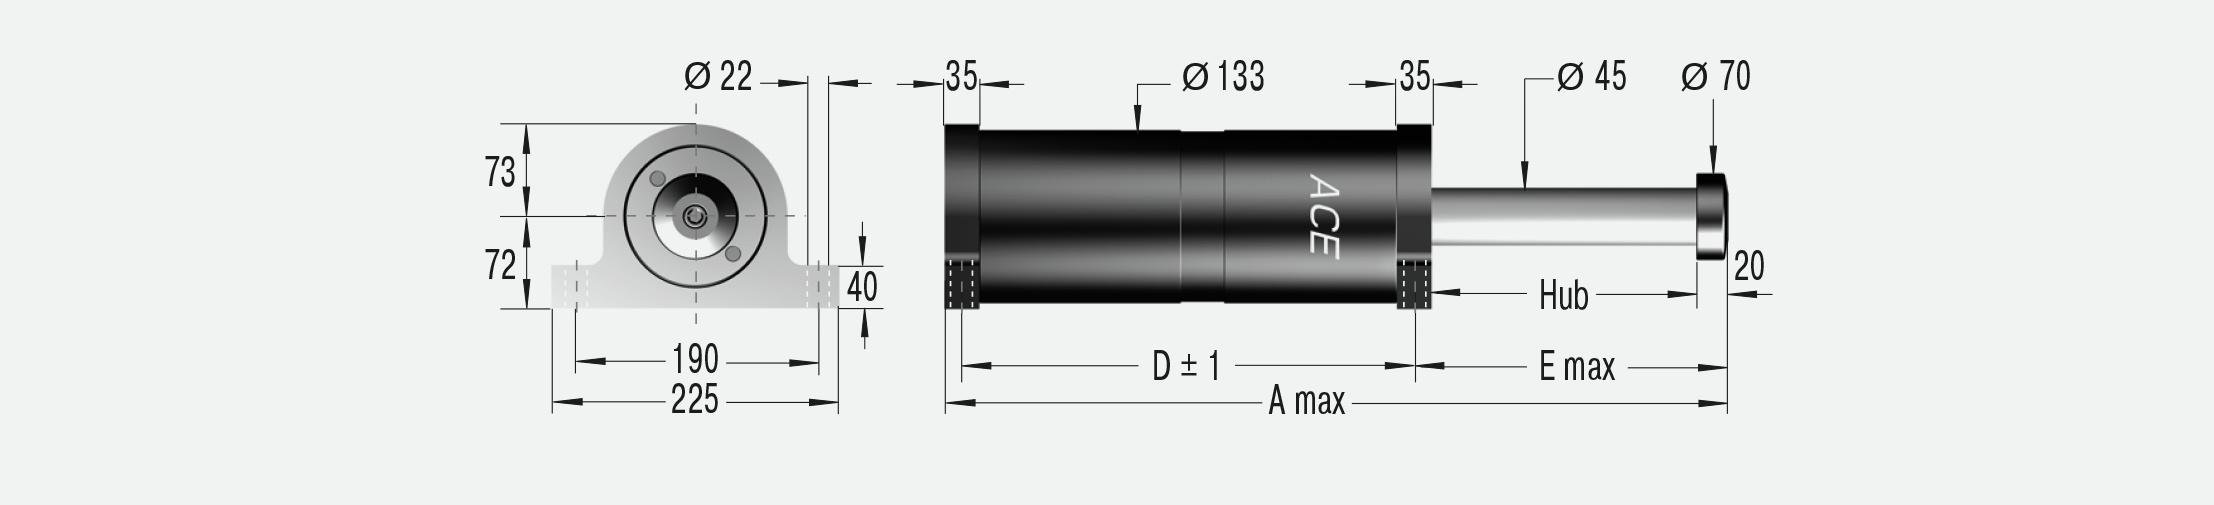 SDH50-500EU-S